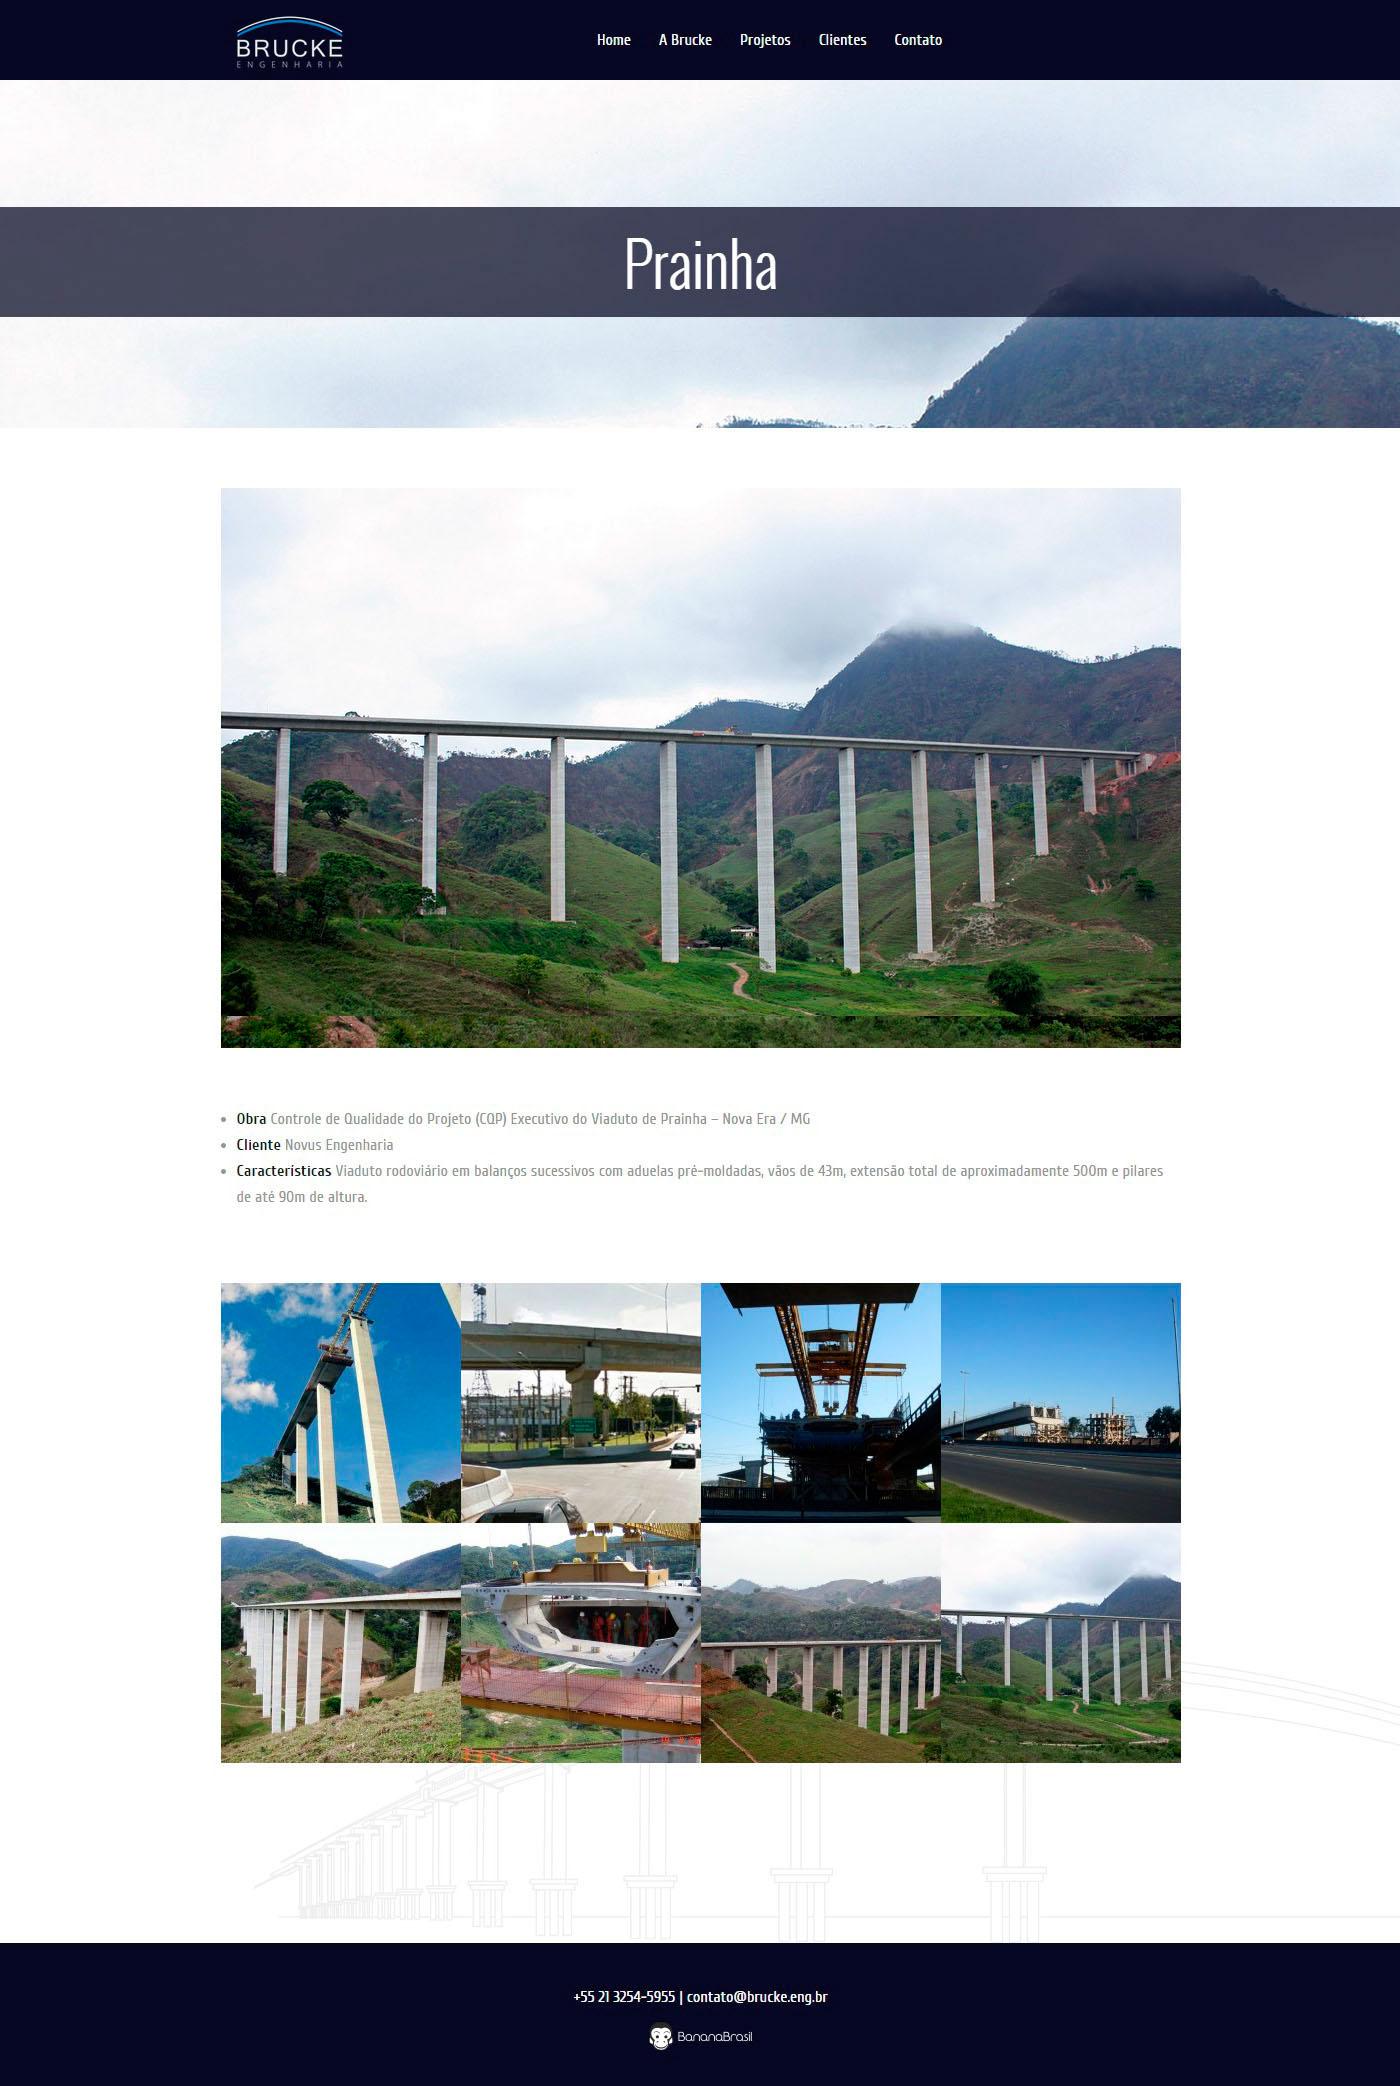 brücke Engenharia pontes Rio de Janeiro